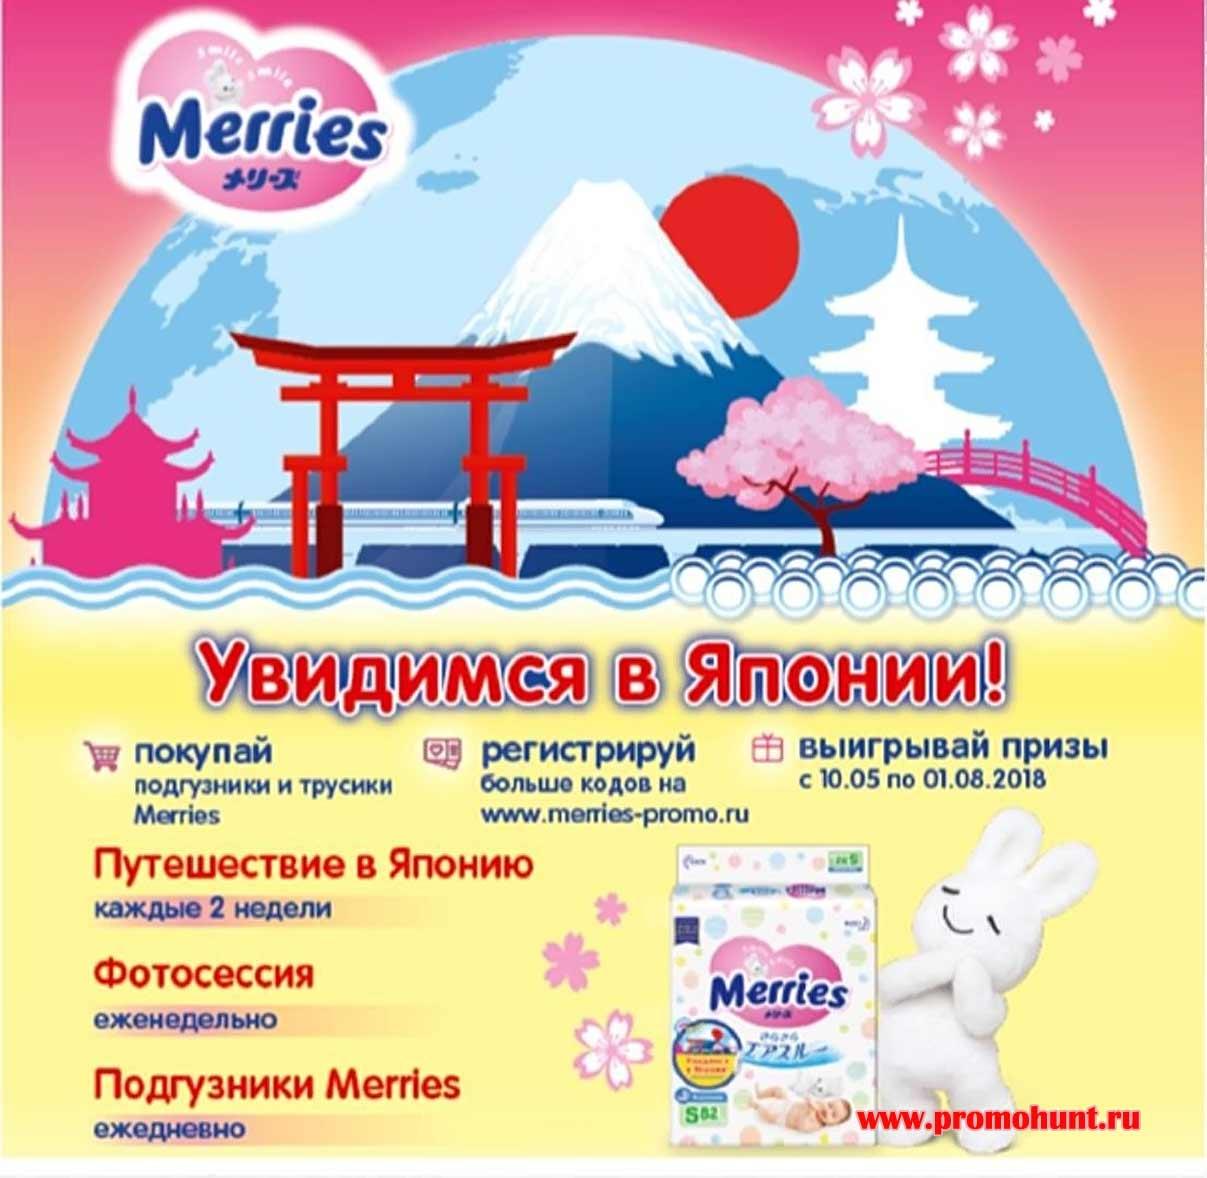 Акция Merries 2018 на merries-promo.ru